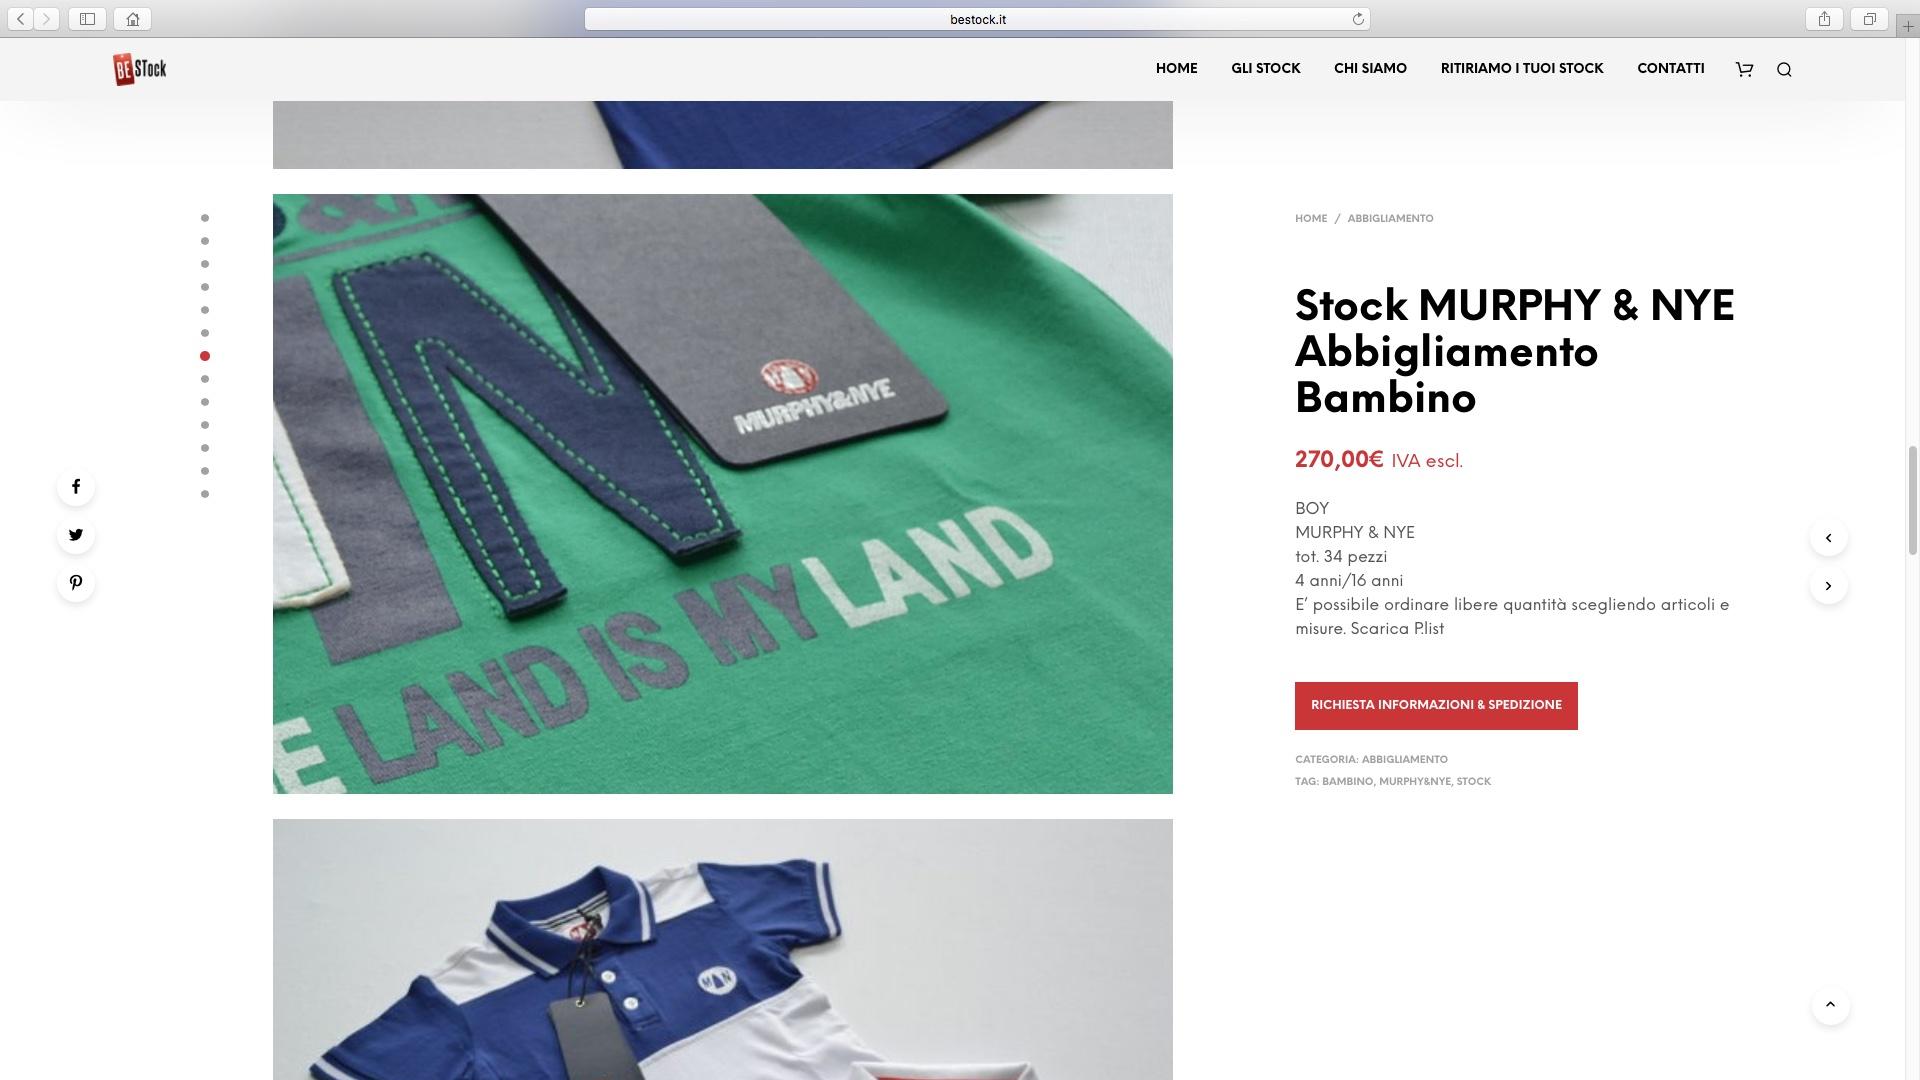 sito-web-brescia-catalogo-online-negozio-ecommerce-06